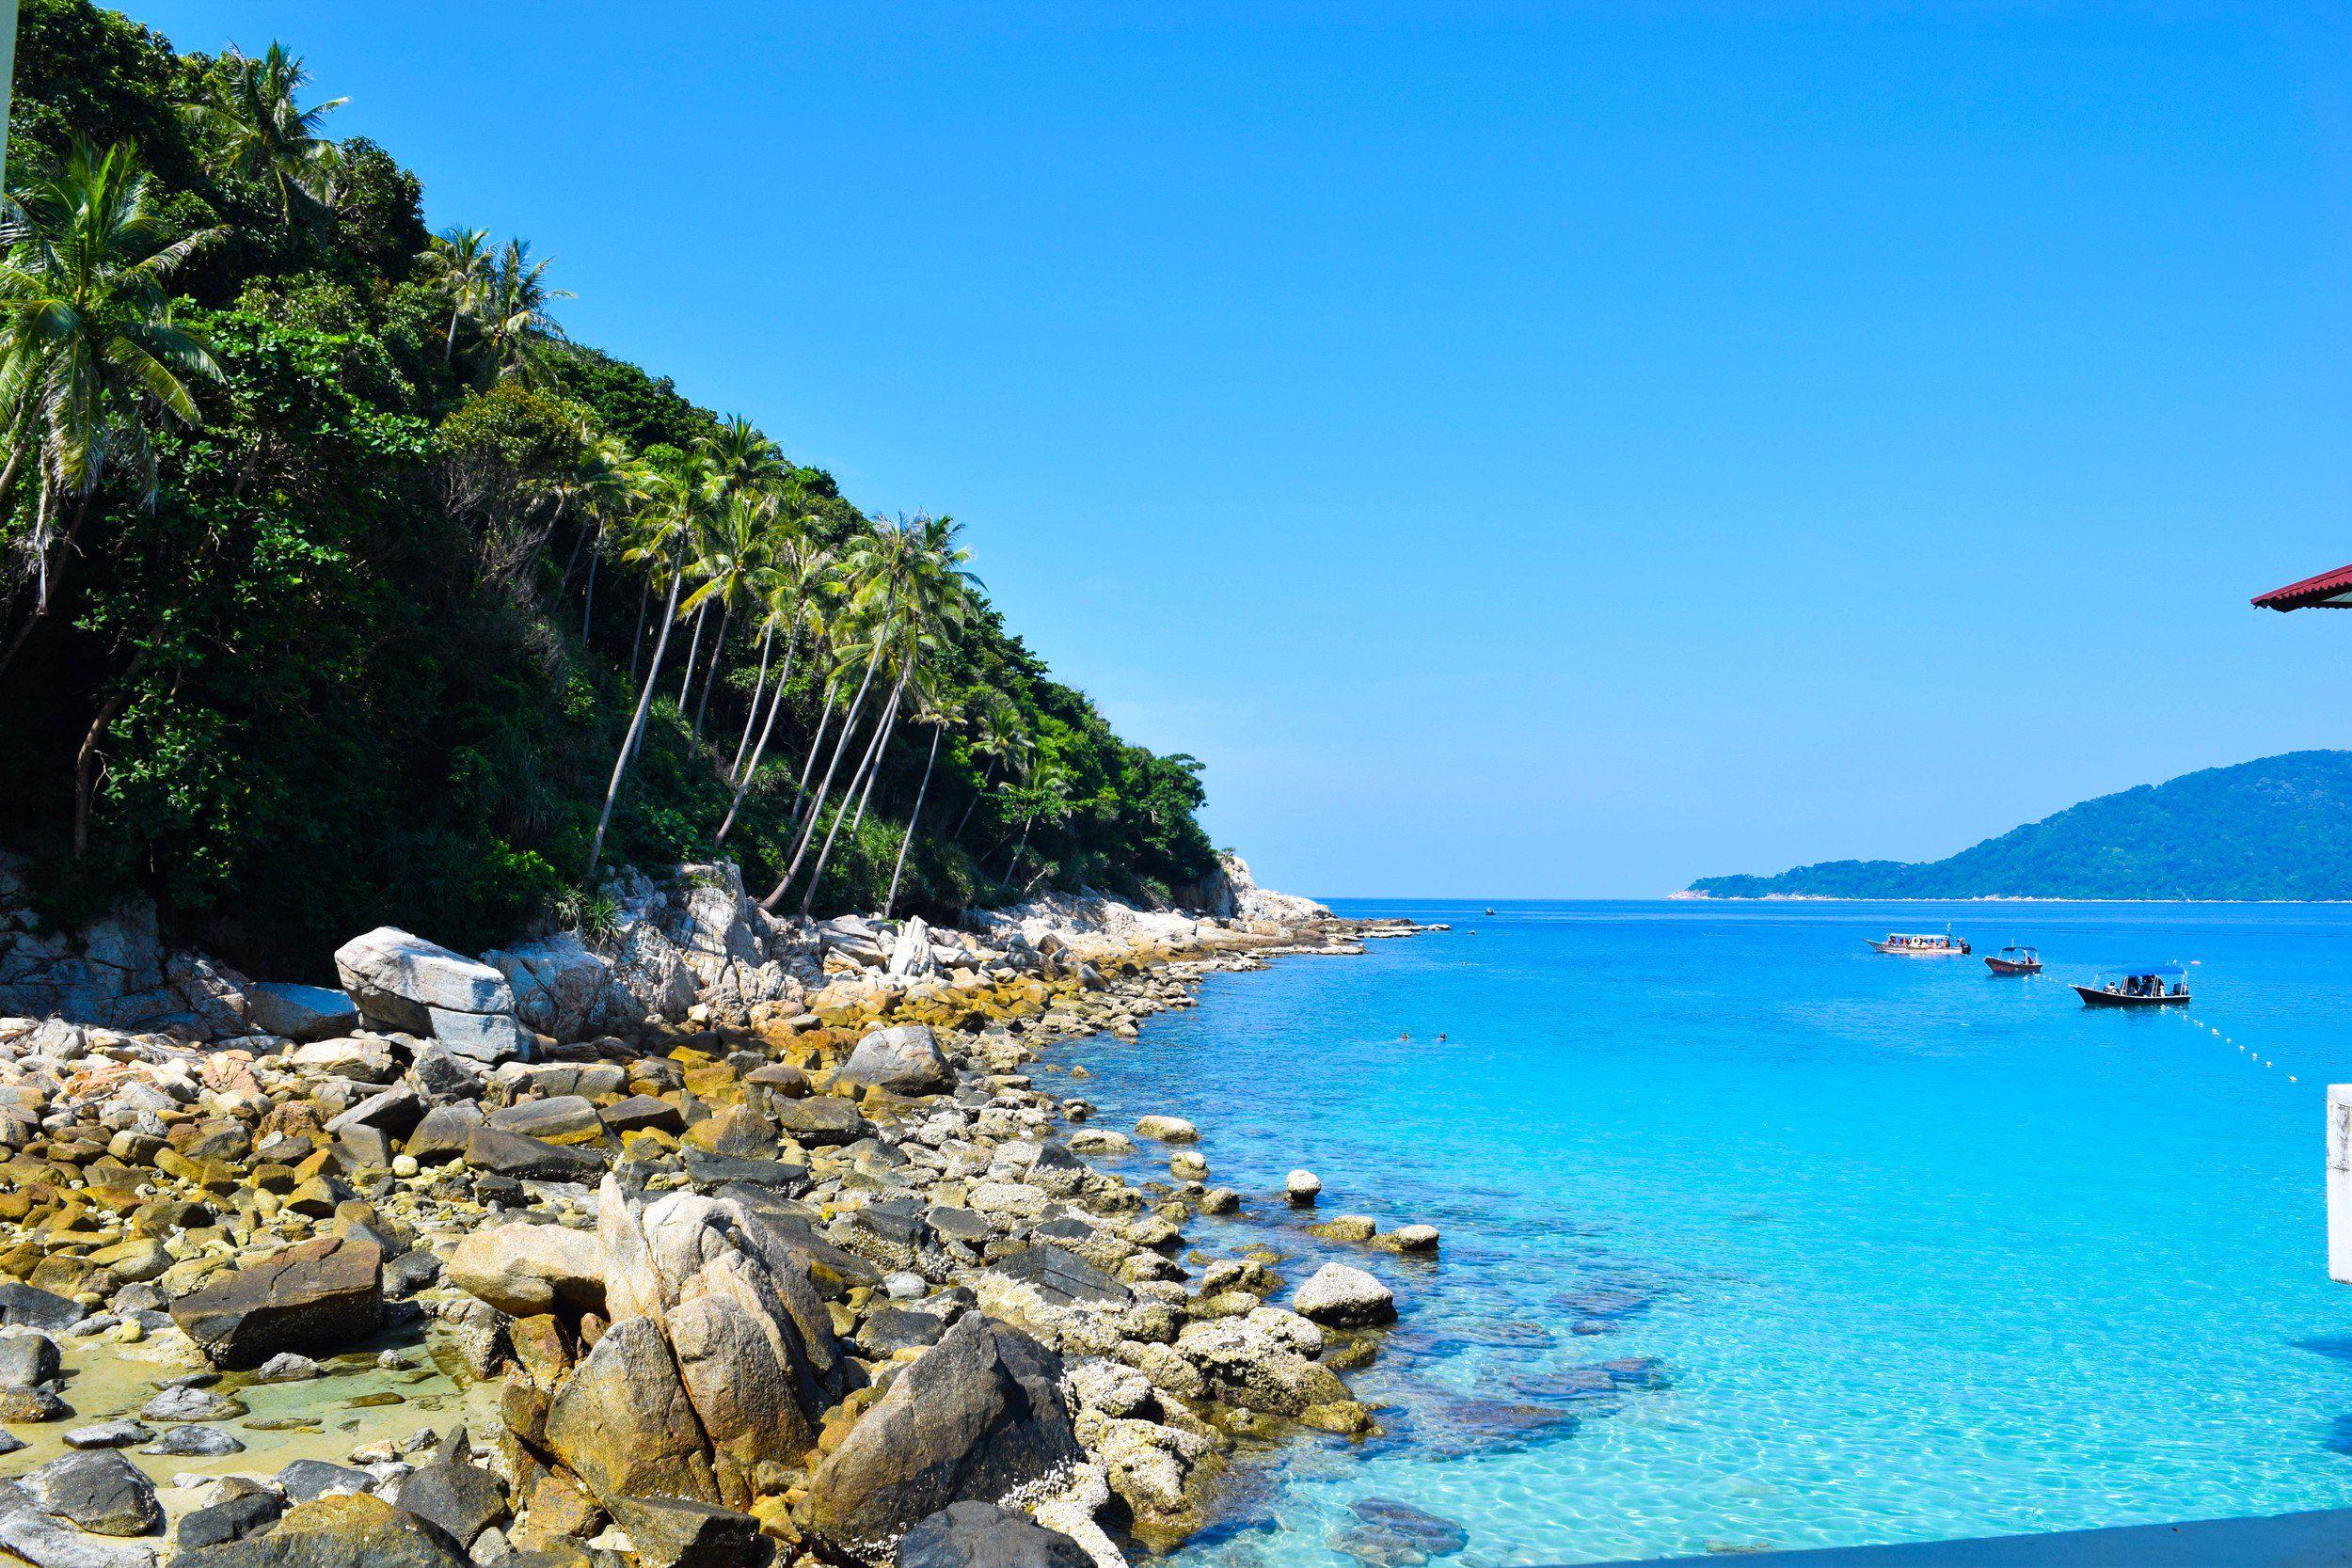 Pulau Perhentian - Weekend Getaways in Malaysia